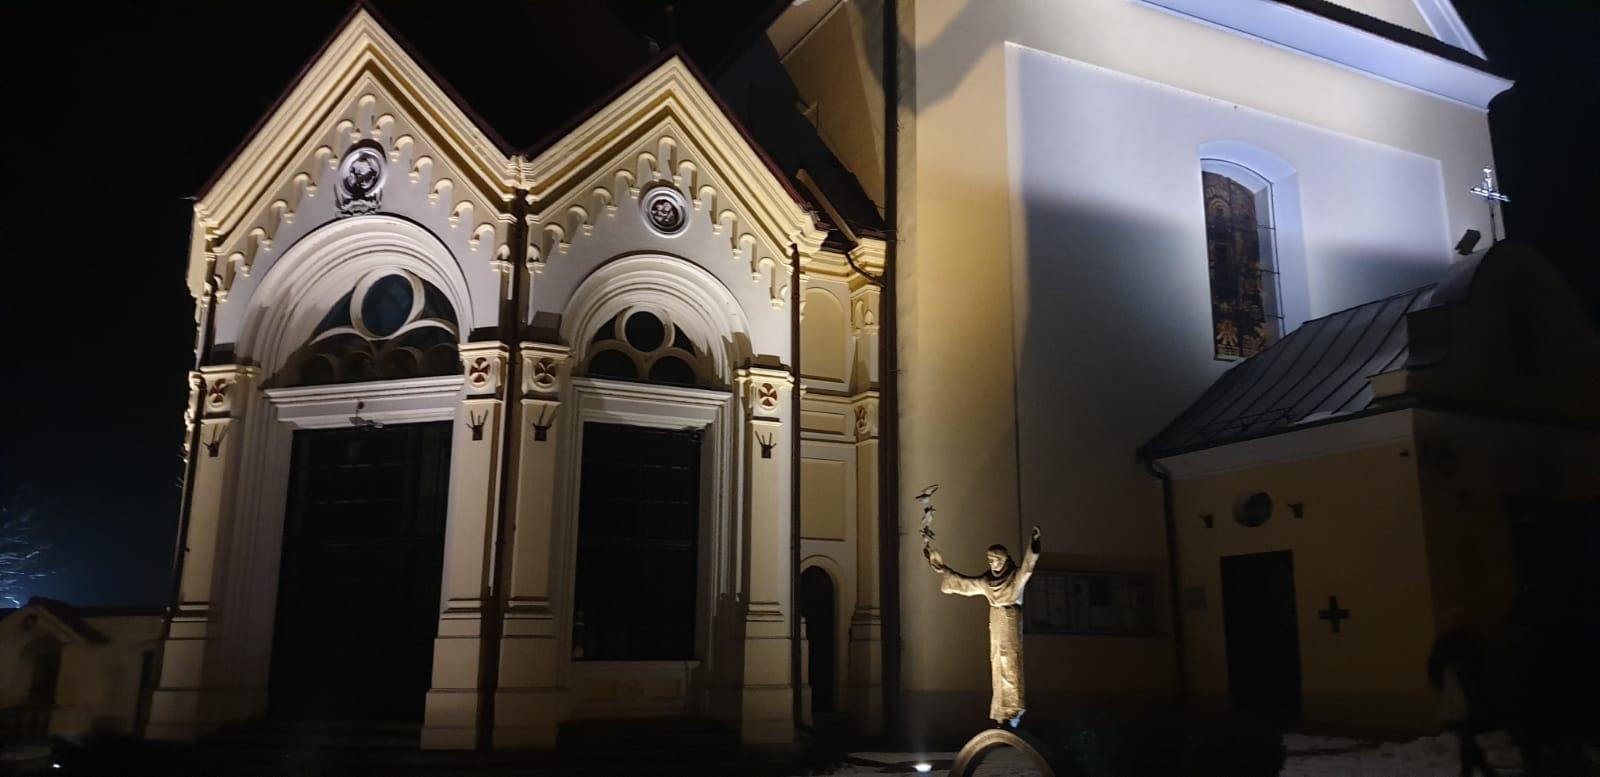 Będzie to już 13 festyn franciszkański. Ojcowie zbierają na remont klasztoru